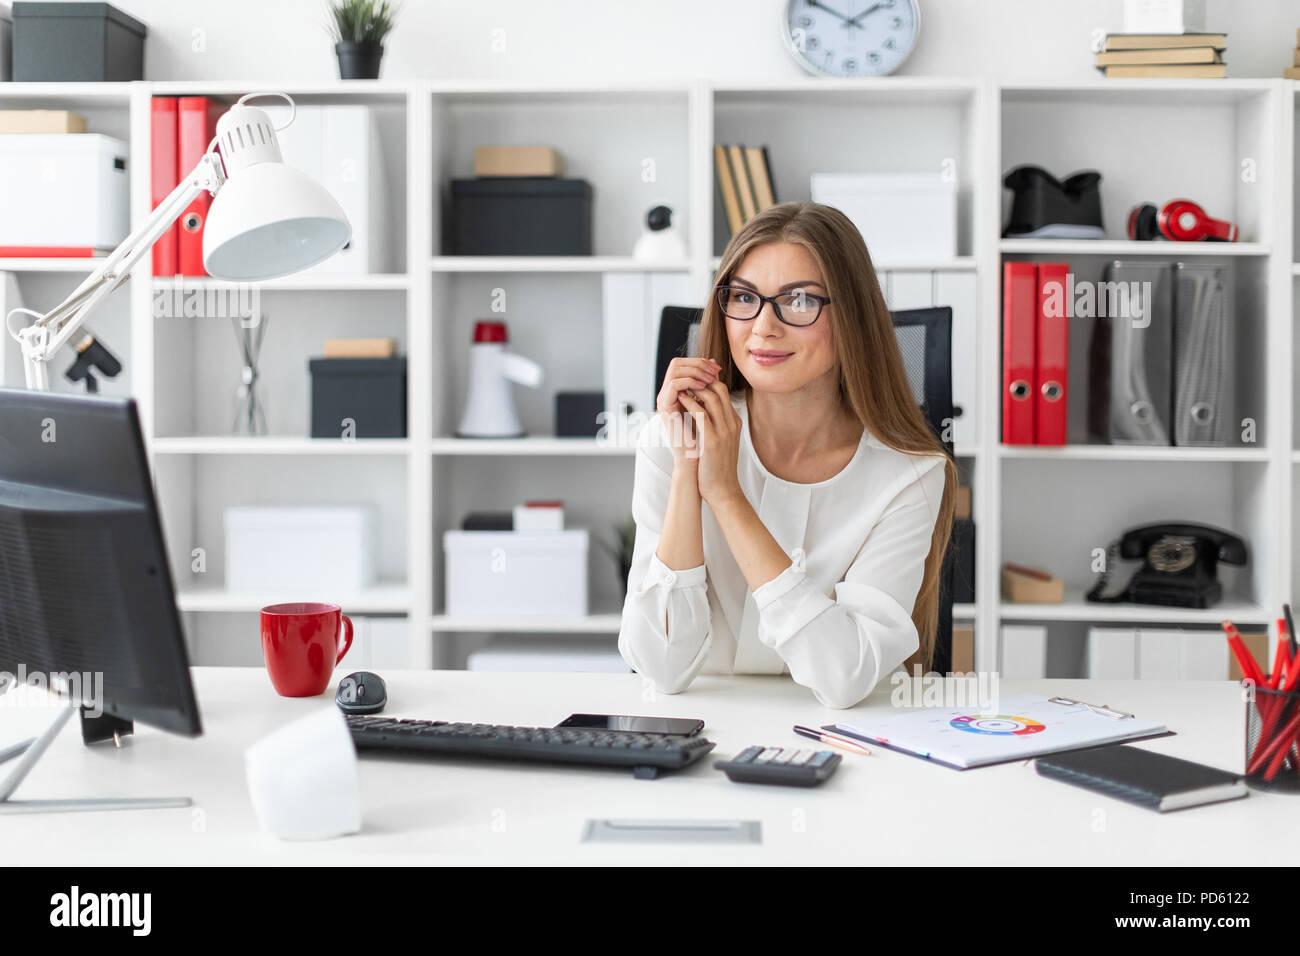 Une jeune fille est assise à l'ordinateur 24 dans le bureau. Banque D'Images